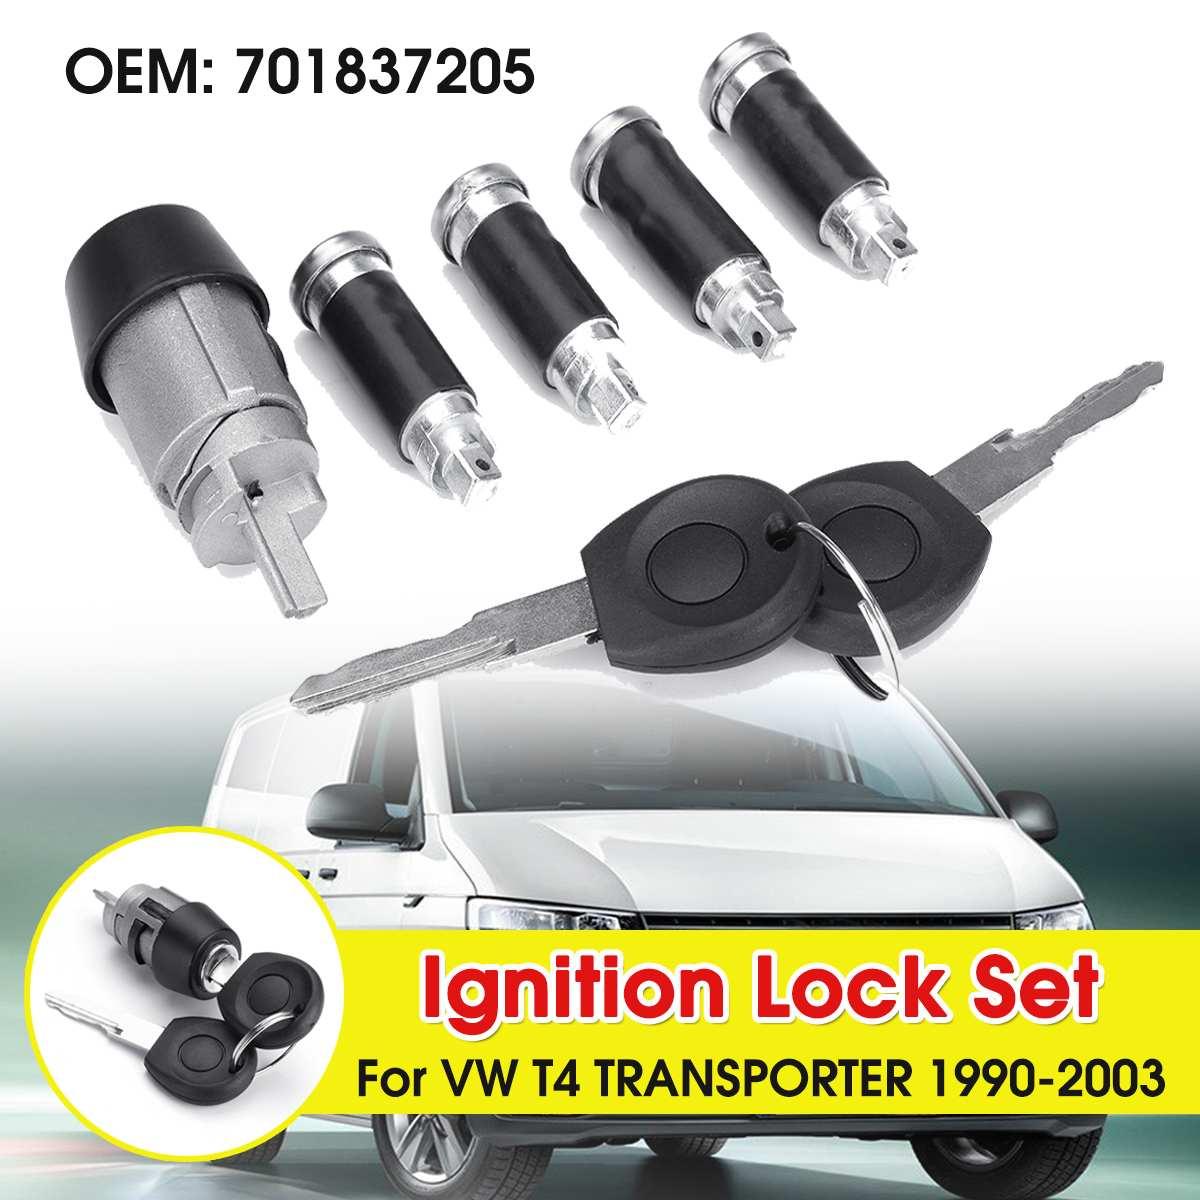 2 chaves interruptor de ignição fechadura da porta barril definido para vw t4 caravelle 1990-2003 transportador duplo celeiro portas